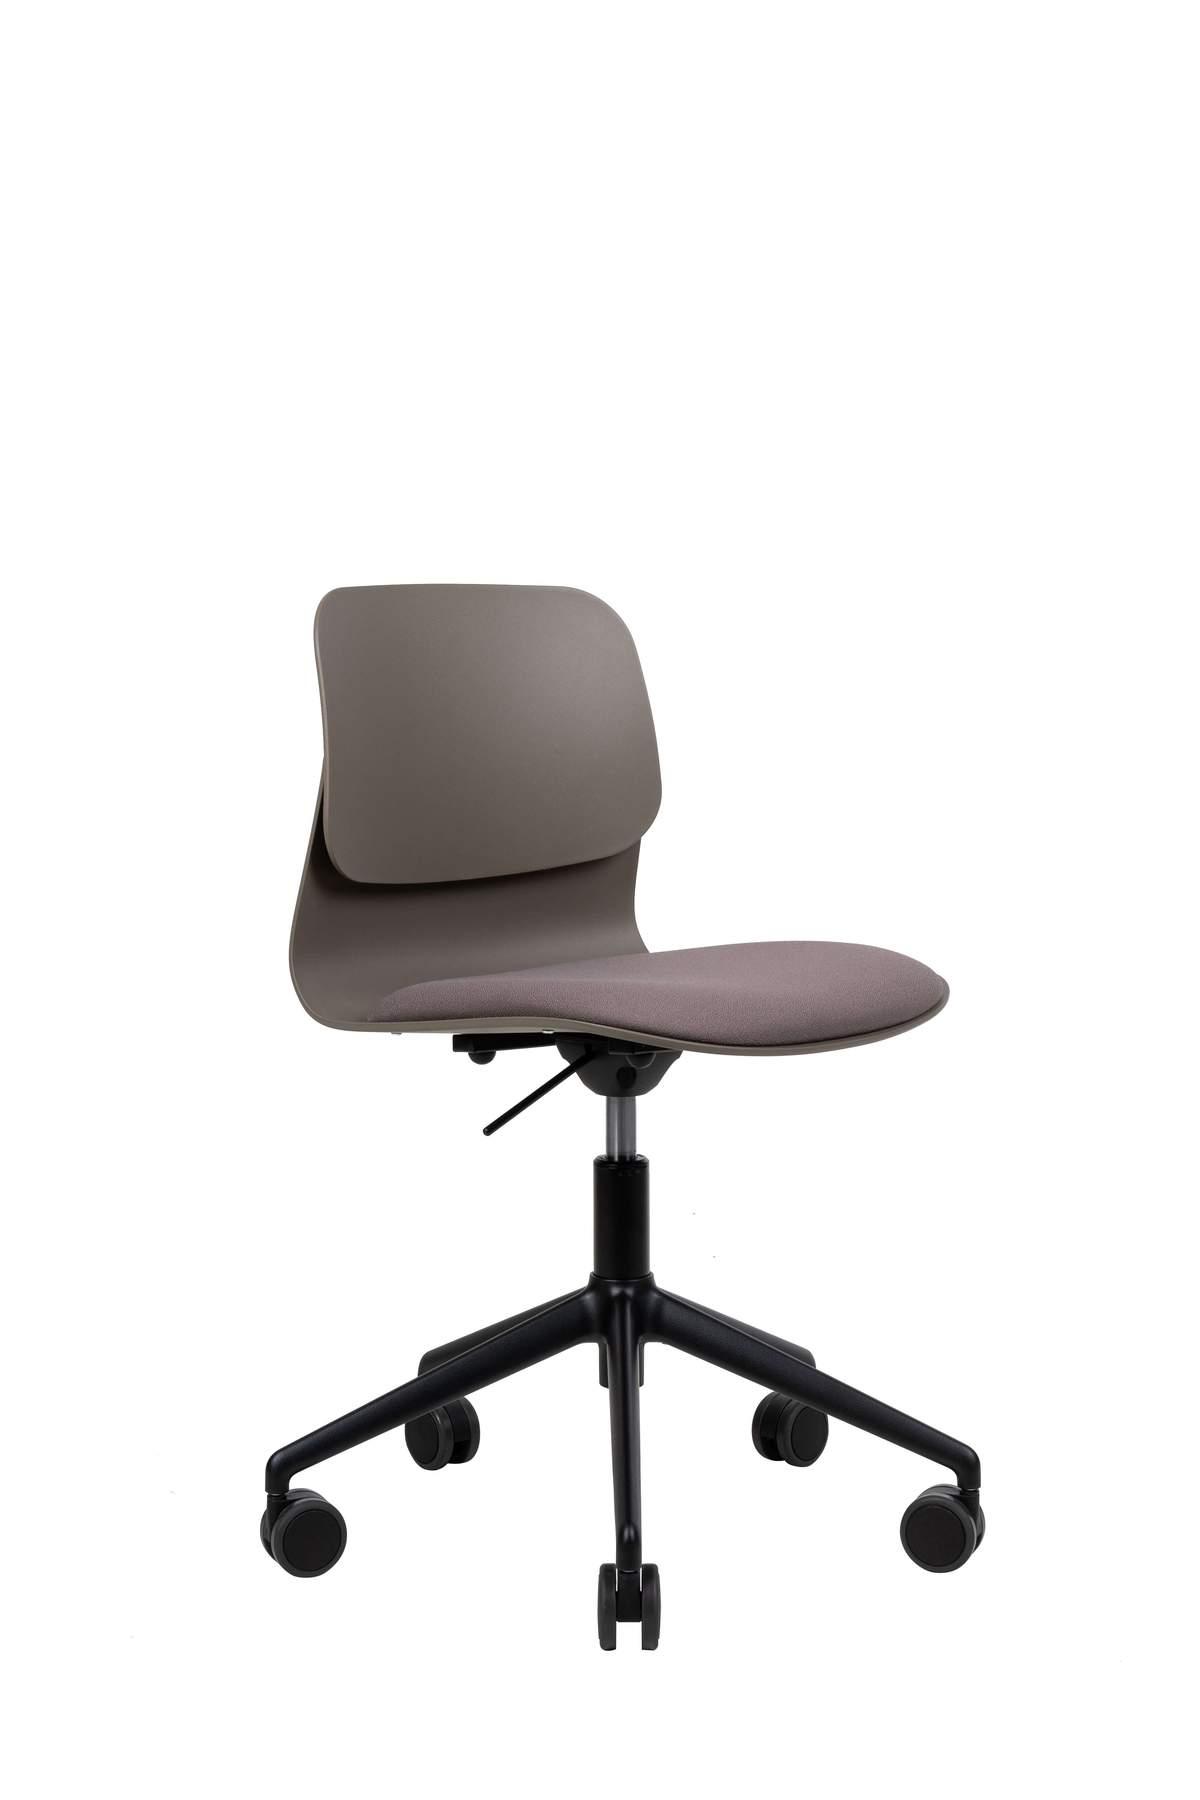 Chaise de bureau design taupe pivotante sur roulettes